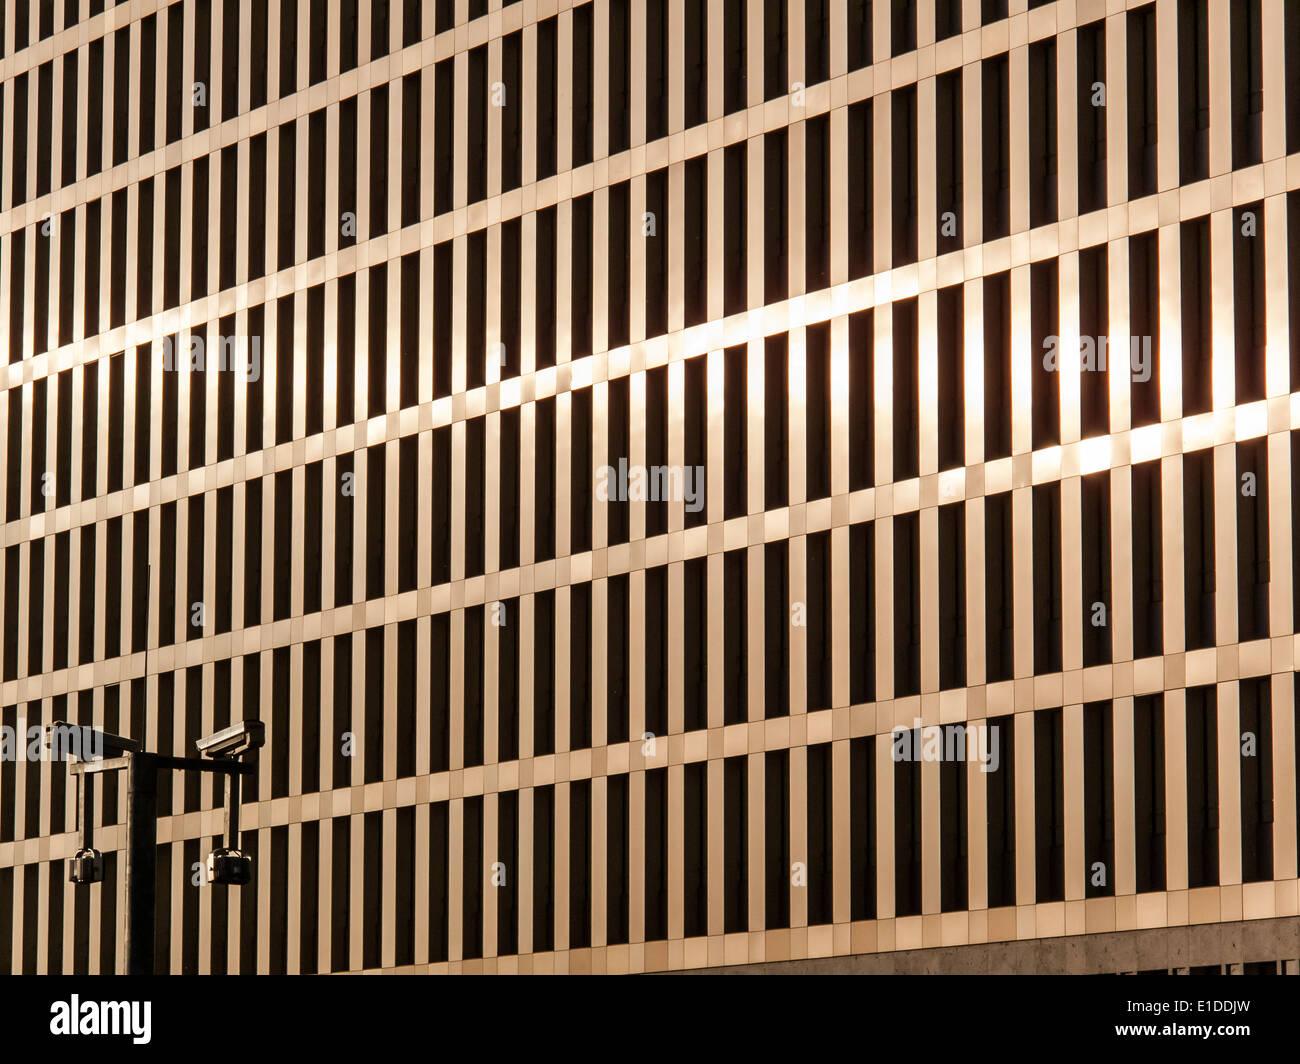 Neue Zentrale des BND, die Intelligence Service Deutschland in Berlin, bei geringer Sonneneinstrahlung. Stockbild